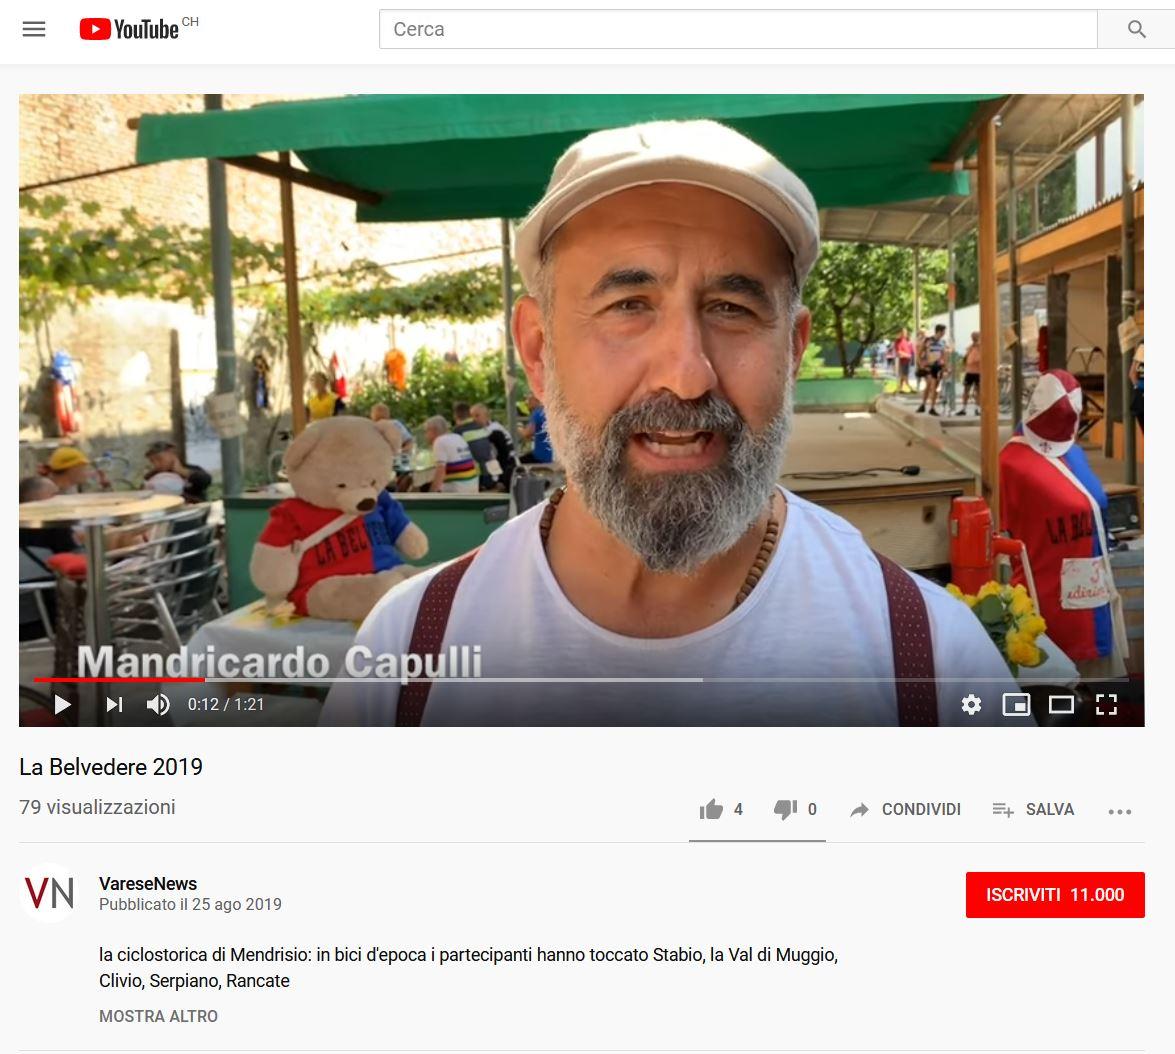 4 Varese news